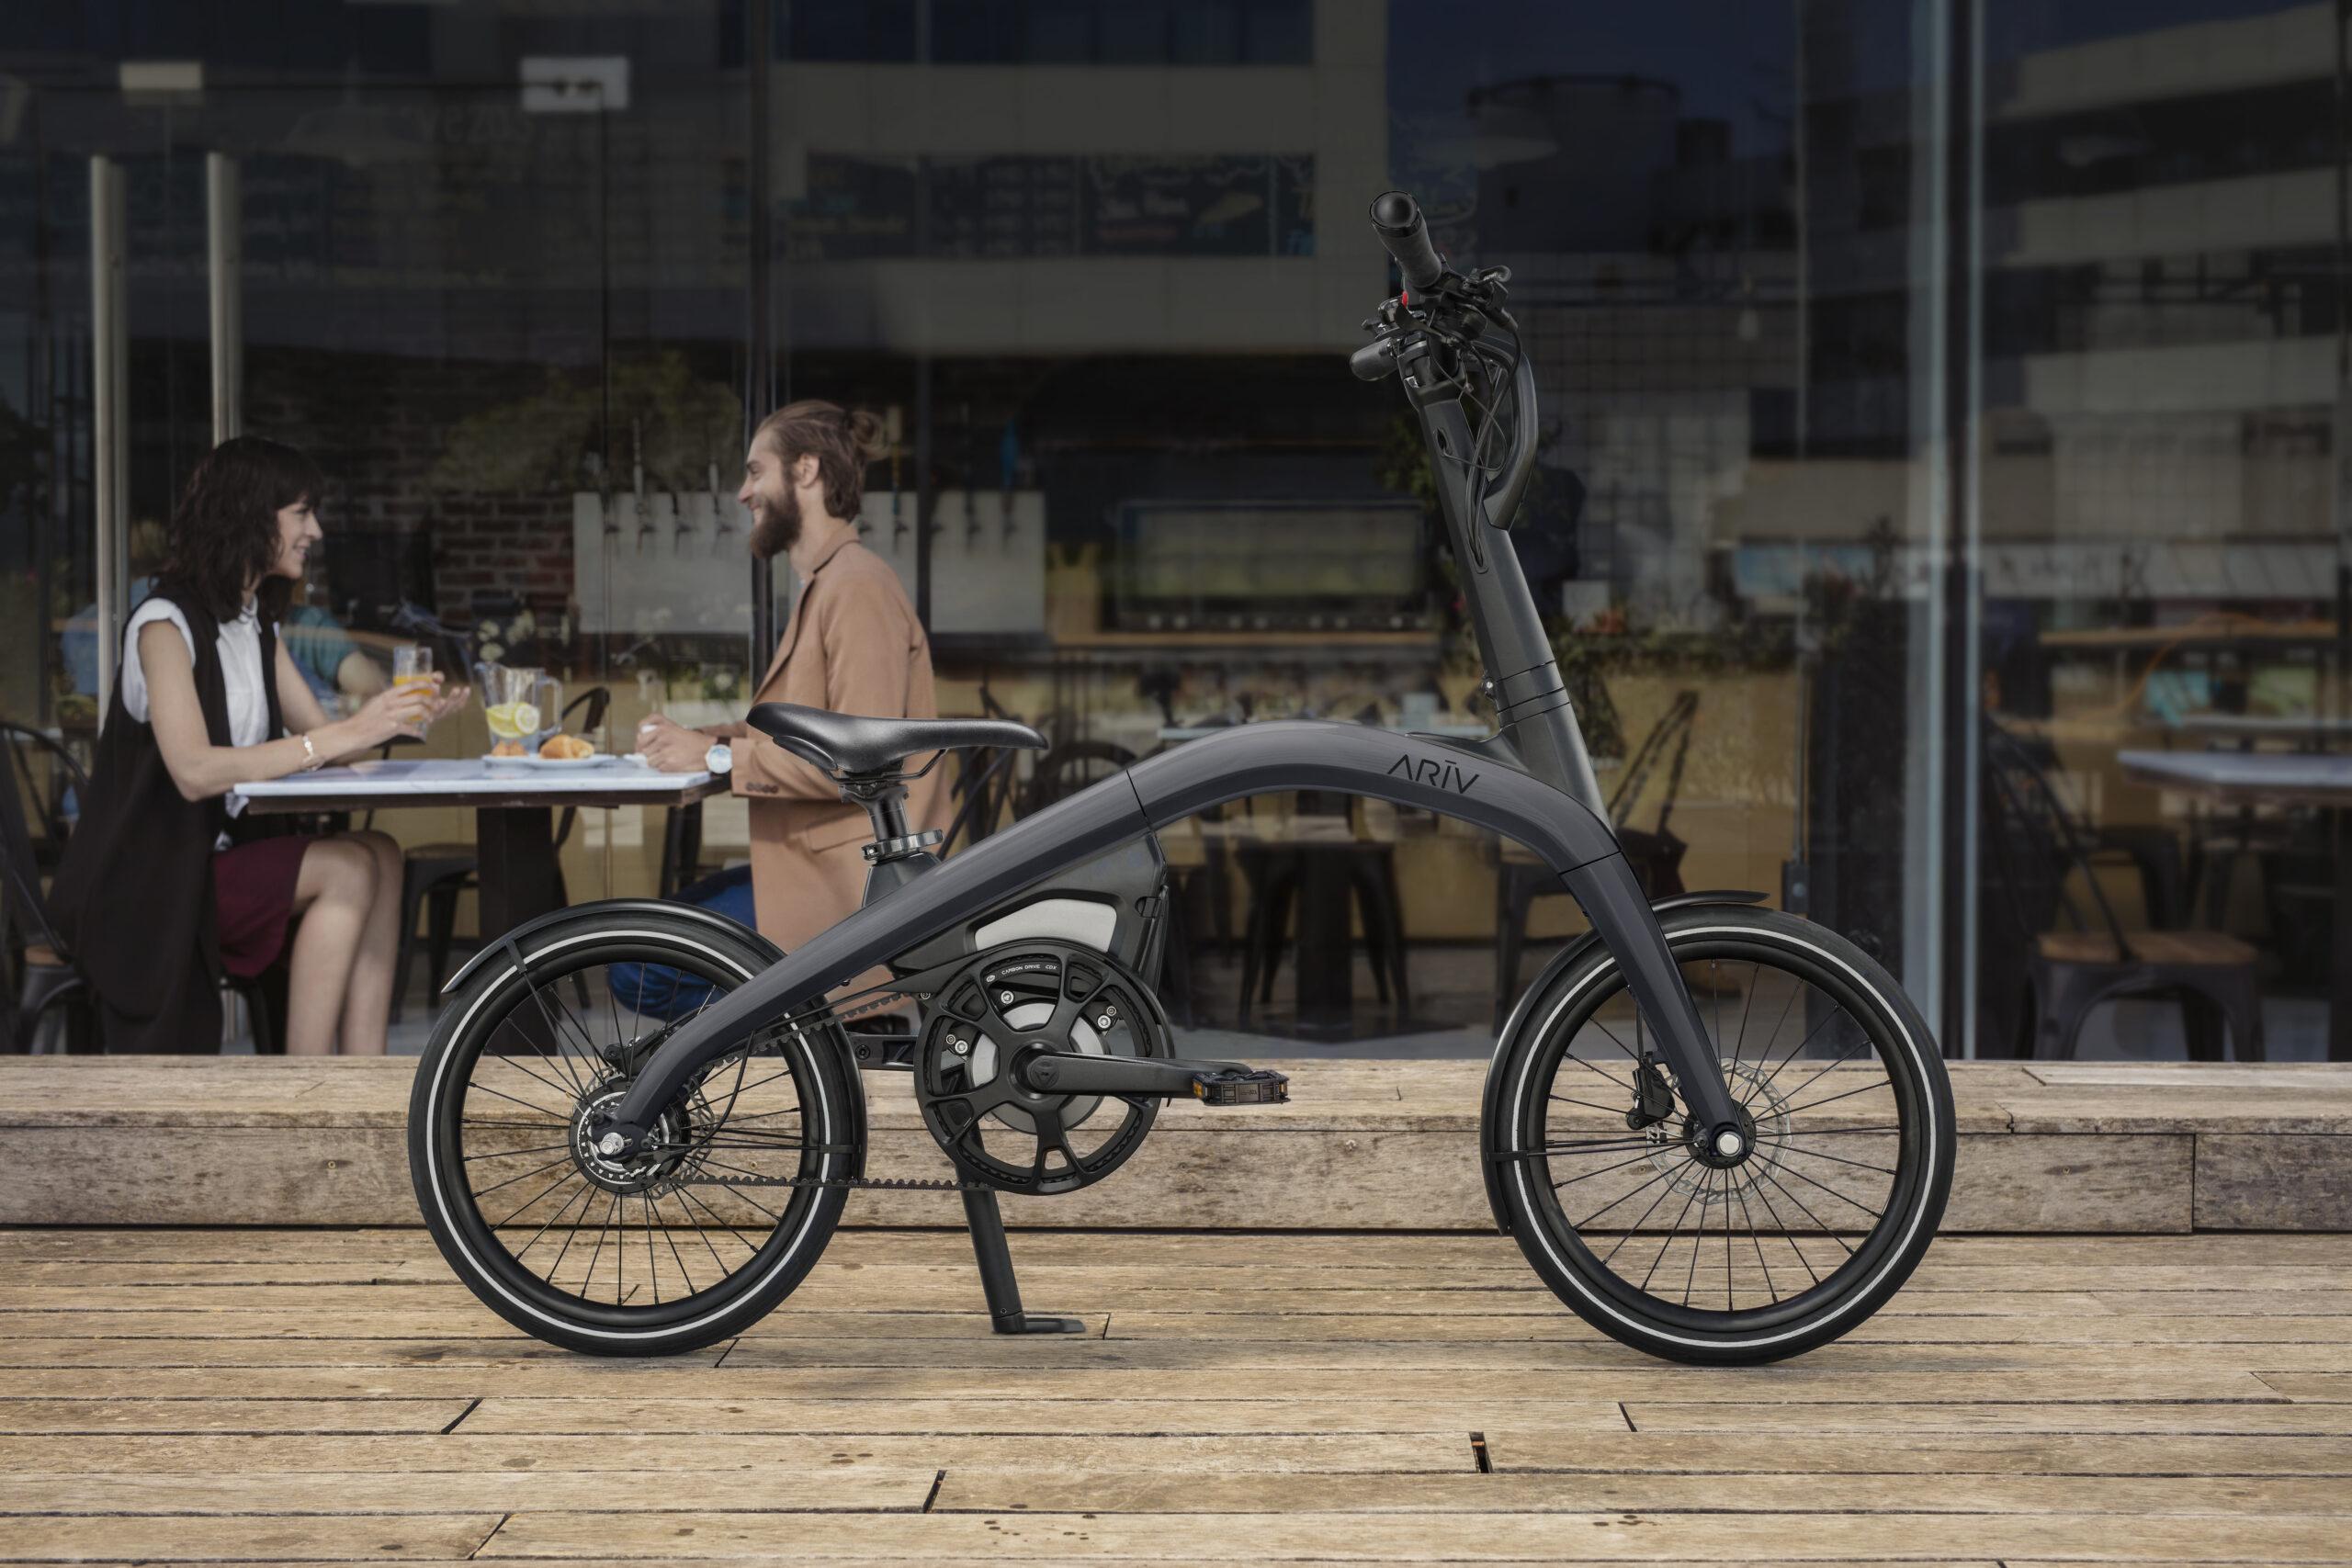 ¡Bicicletas de marcas automotrices! Conócelas y enamórate